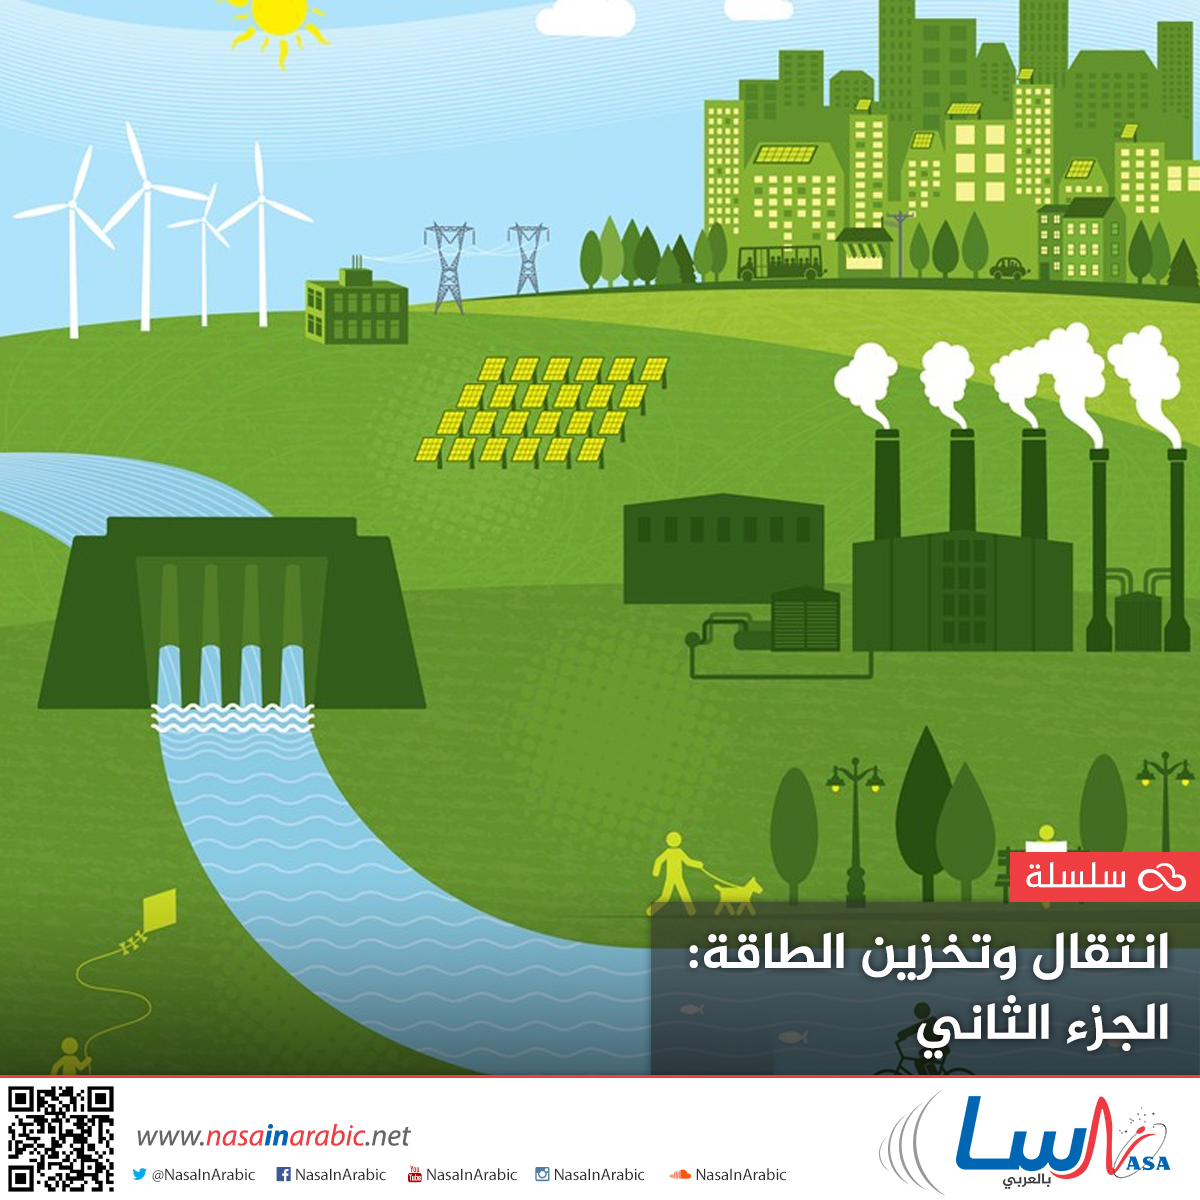 انتقال وتخزين الطاقة: الجزء الثاني